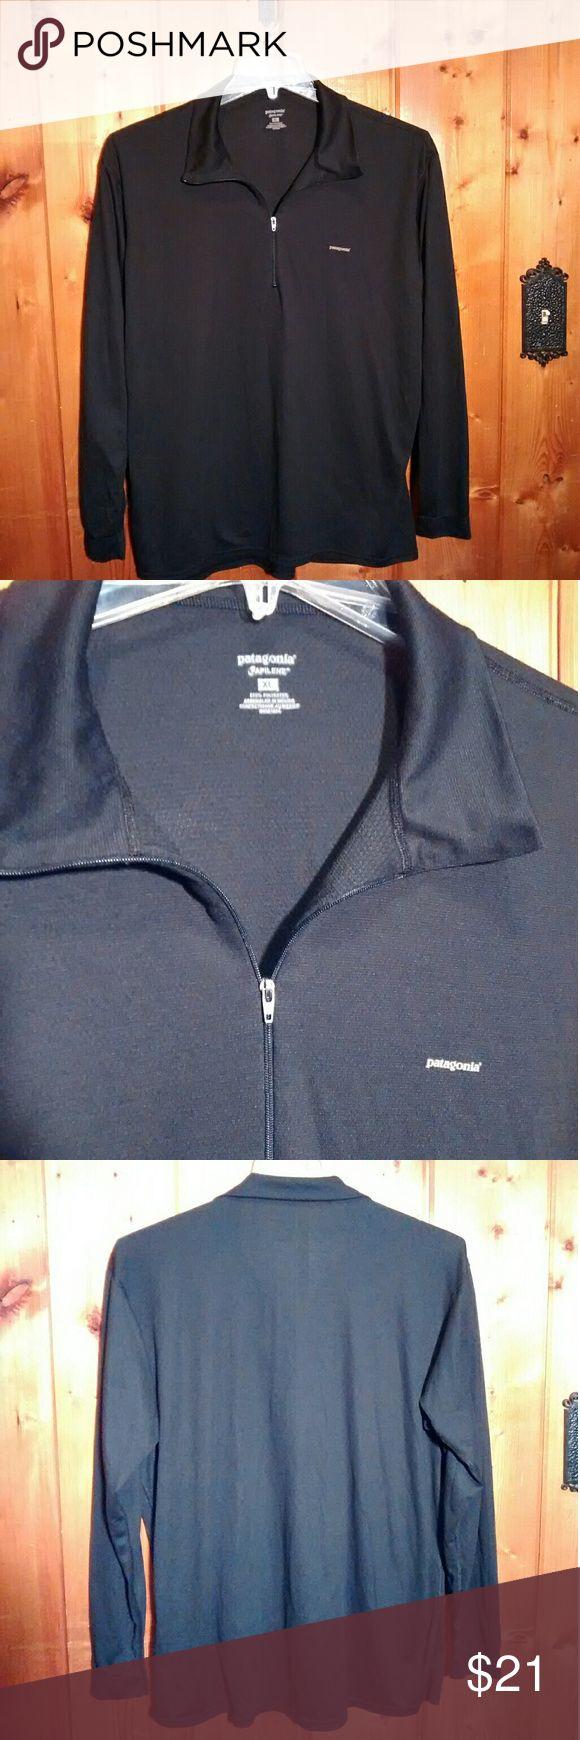 Patagonia capilene half zip pullover Patagonia capilene half zip pullover Patagonia Shirts